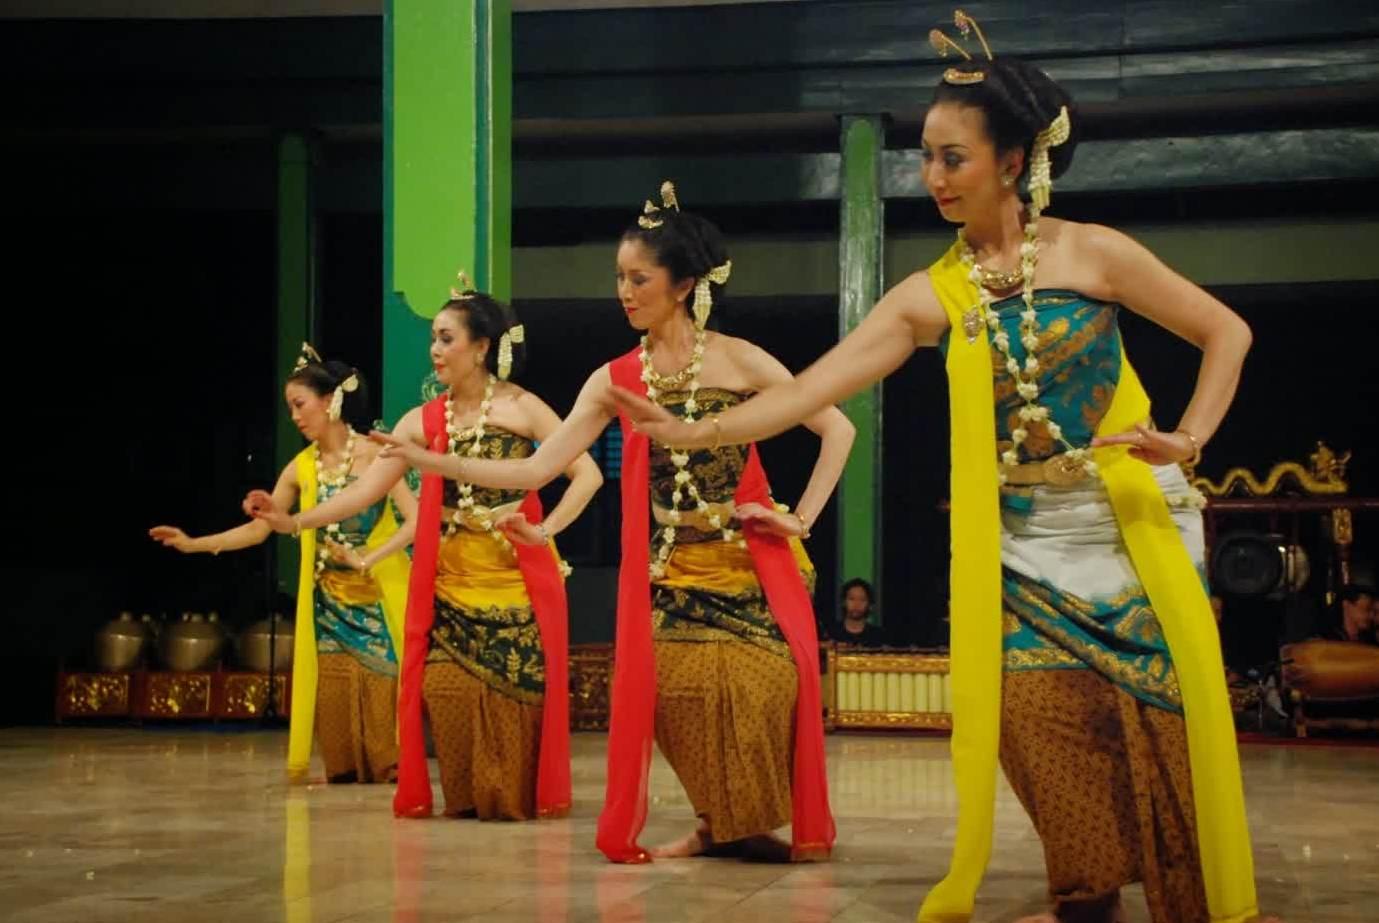 budaya khas suku bangsa jawa tengah